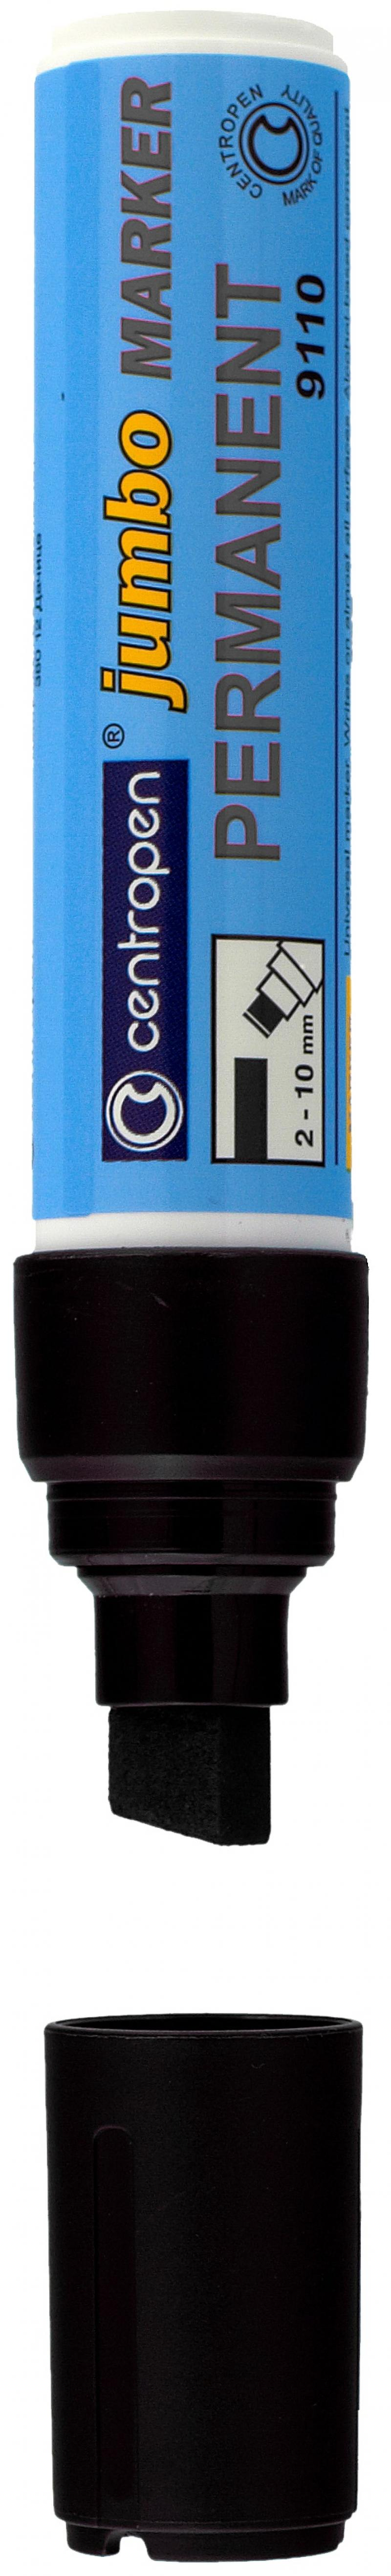 Маркер перманентный Centropen JUMBO 10 мм черный 9110/Ч 9110/Ч маркер флуоресцентный centropen 8722 1о оранжевый 8722 1о